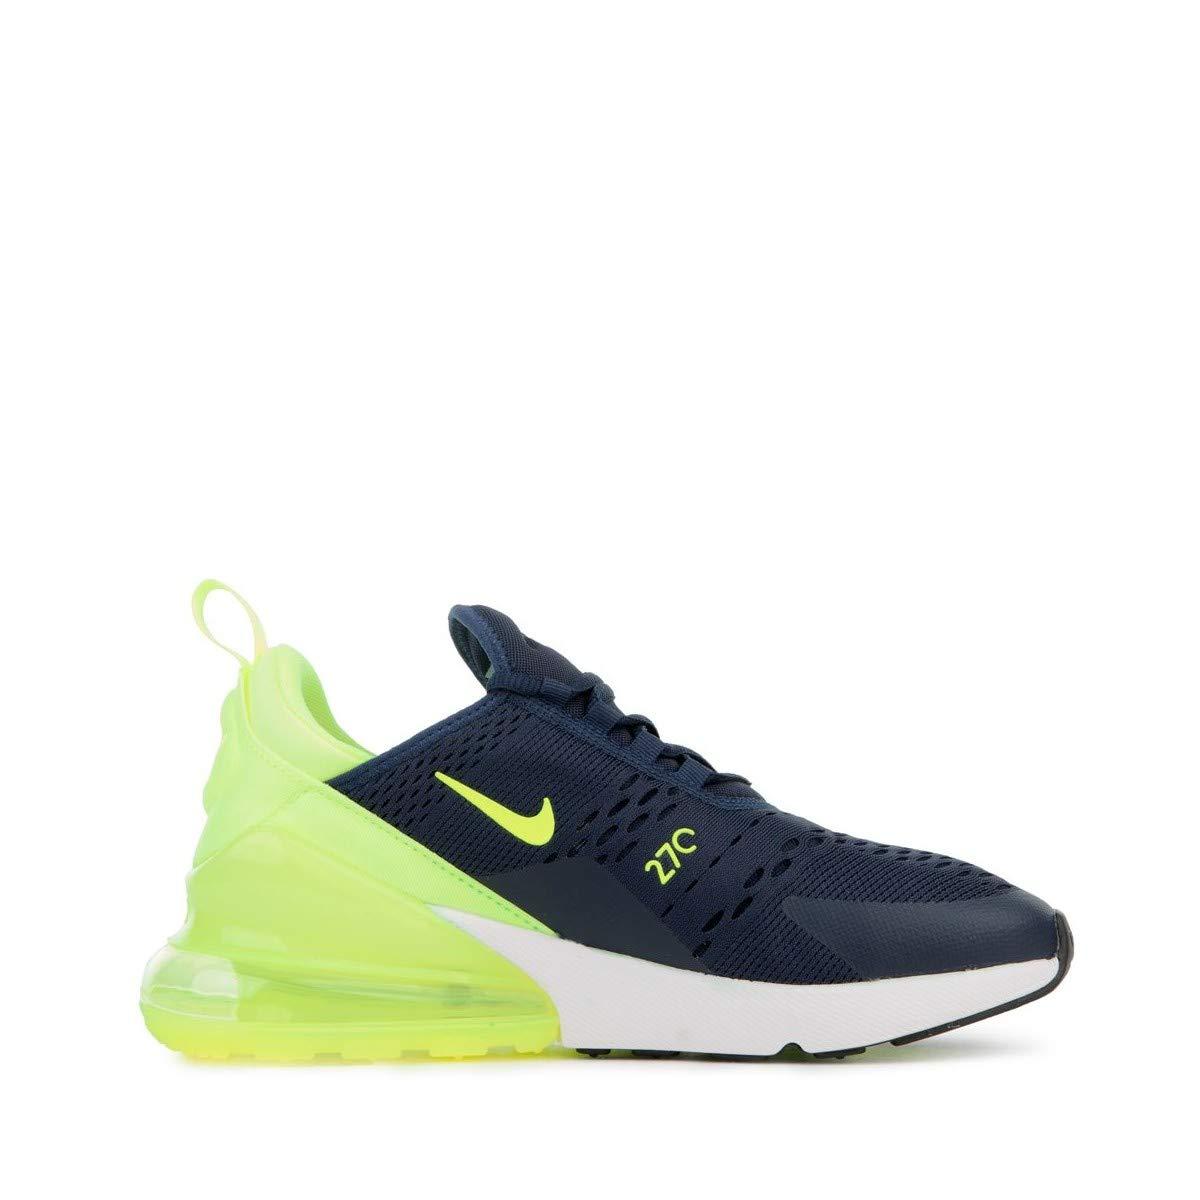 Nike Air Air Air Max 90 Leather Scarpe da ginnastica, Uomo | una vasta gamma di prodotti  9c17a0